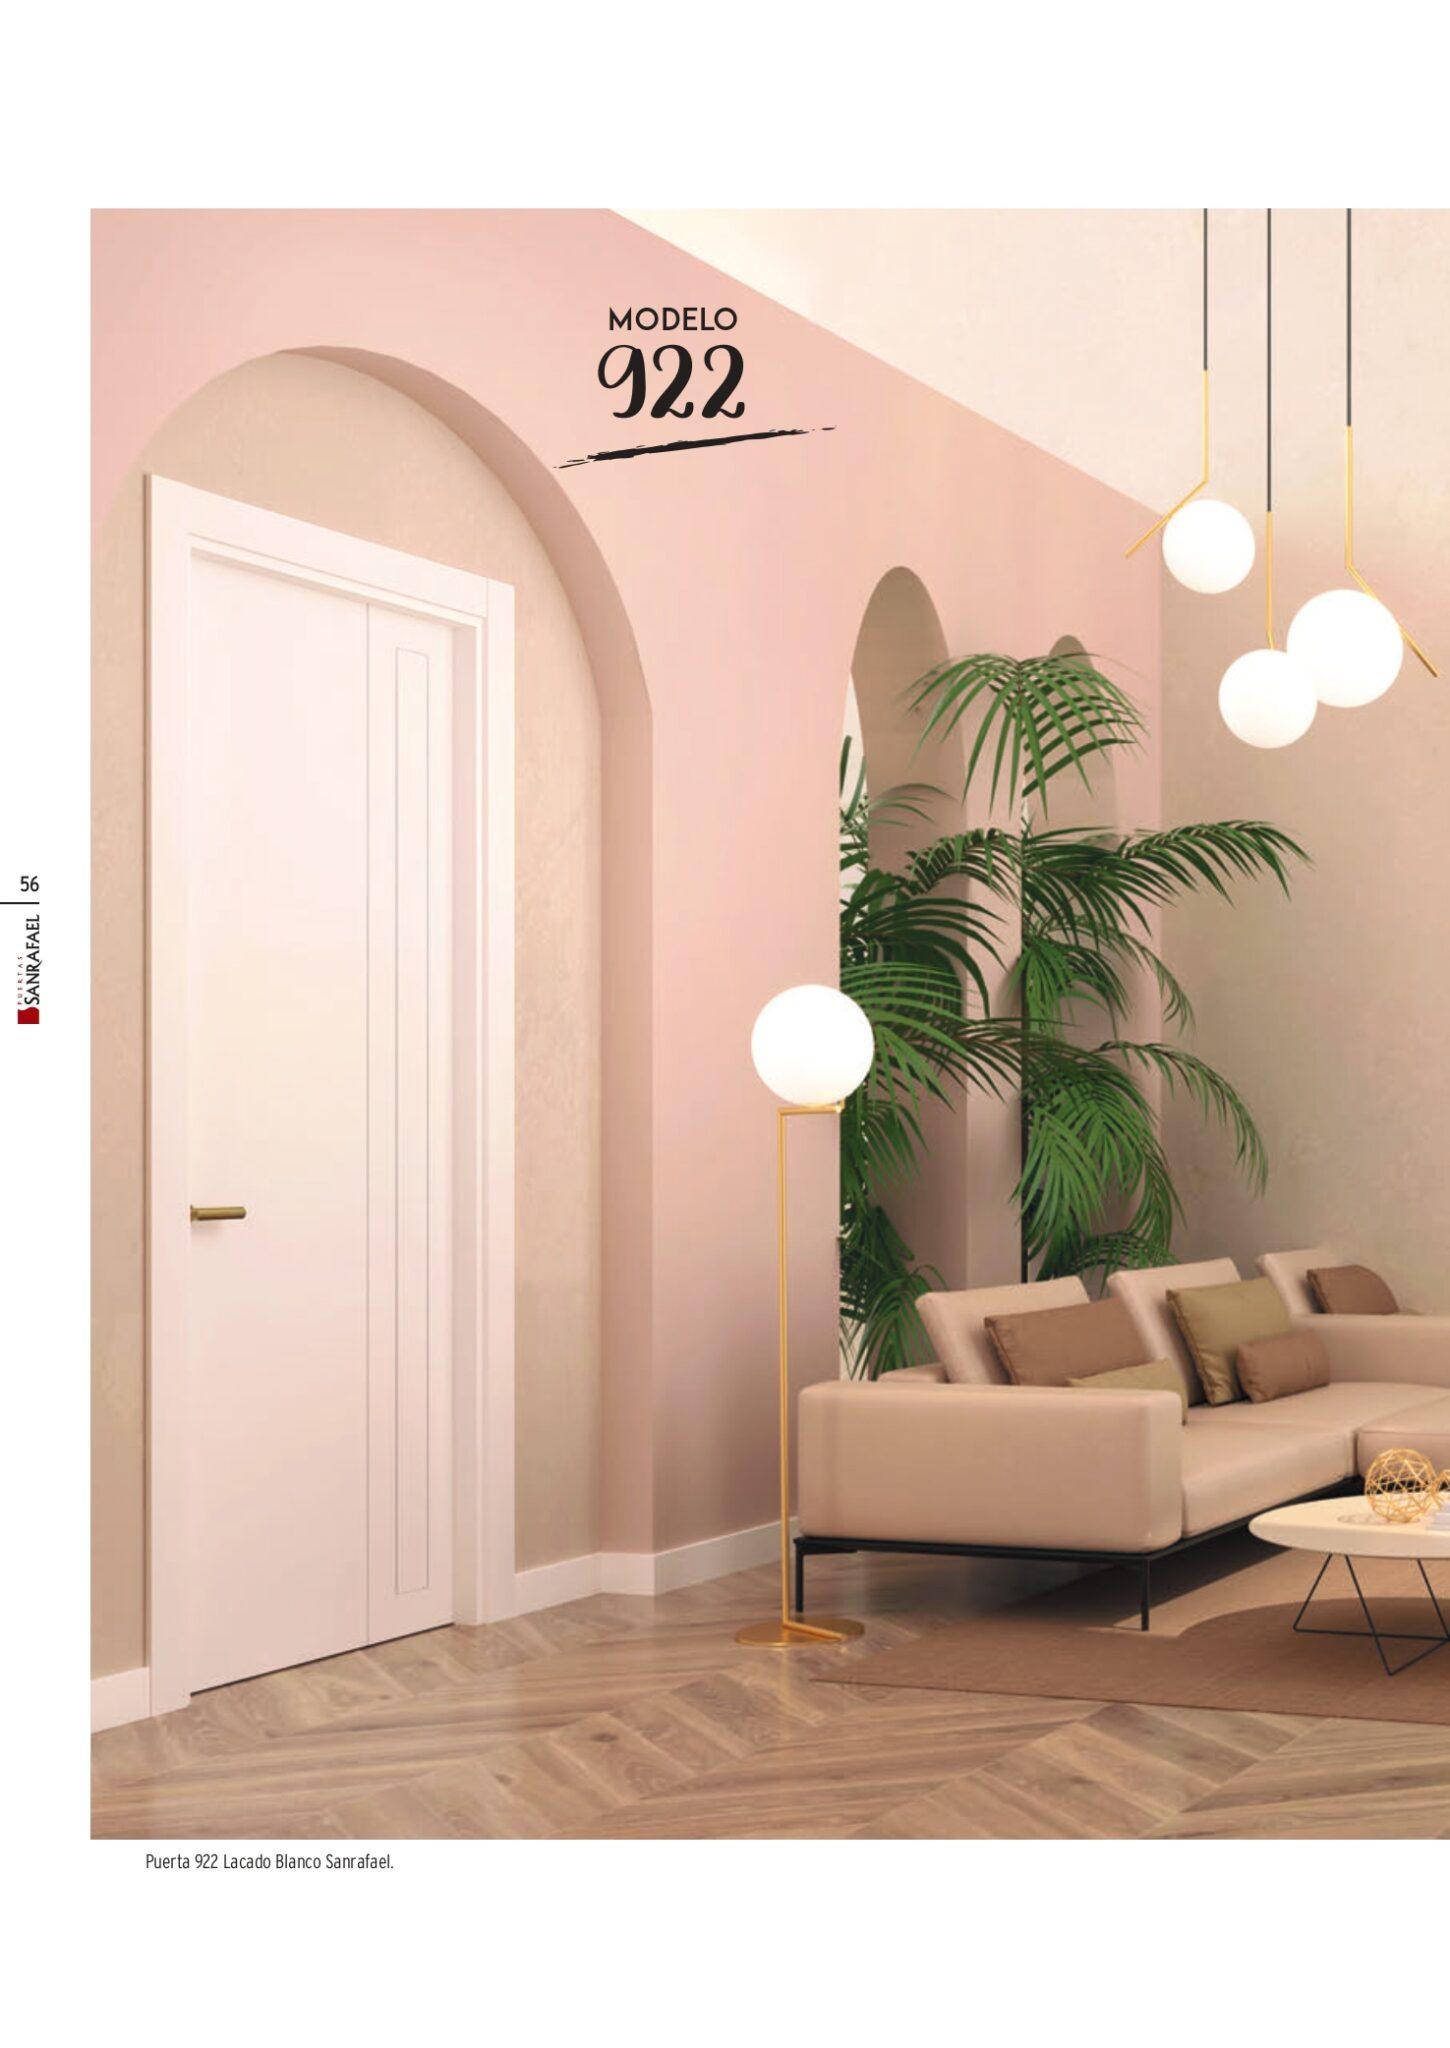 Puerta 922 Lacado Blanco Sanrafael._page-0001